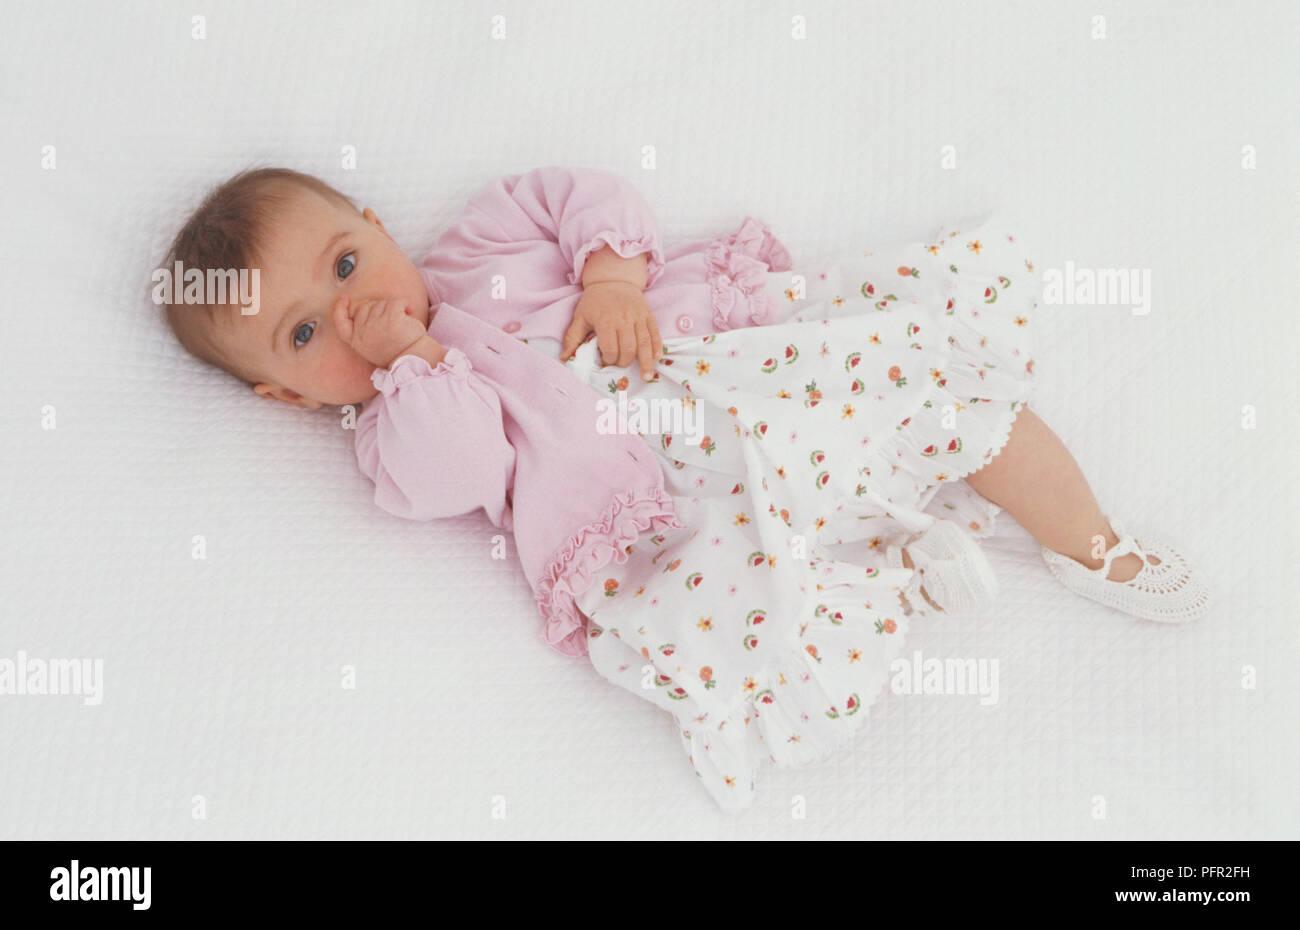 wearing pink cardigan, floral print